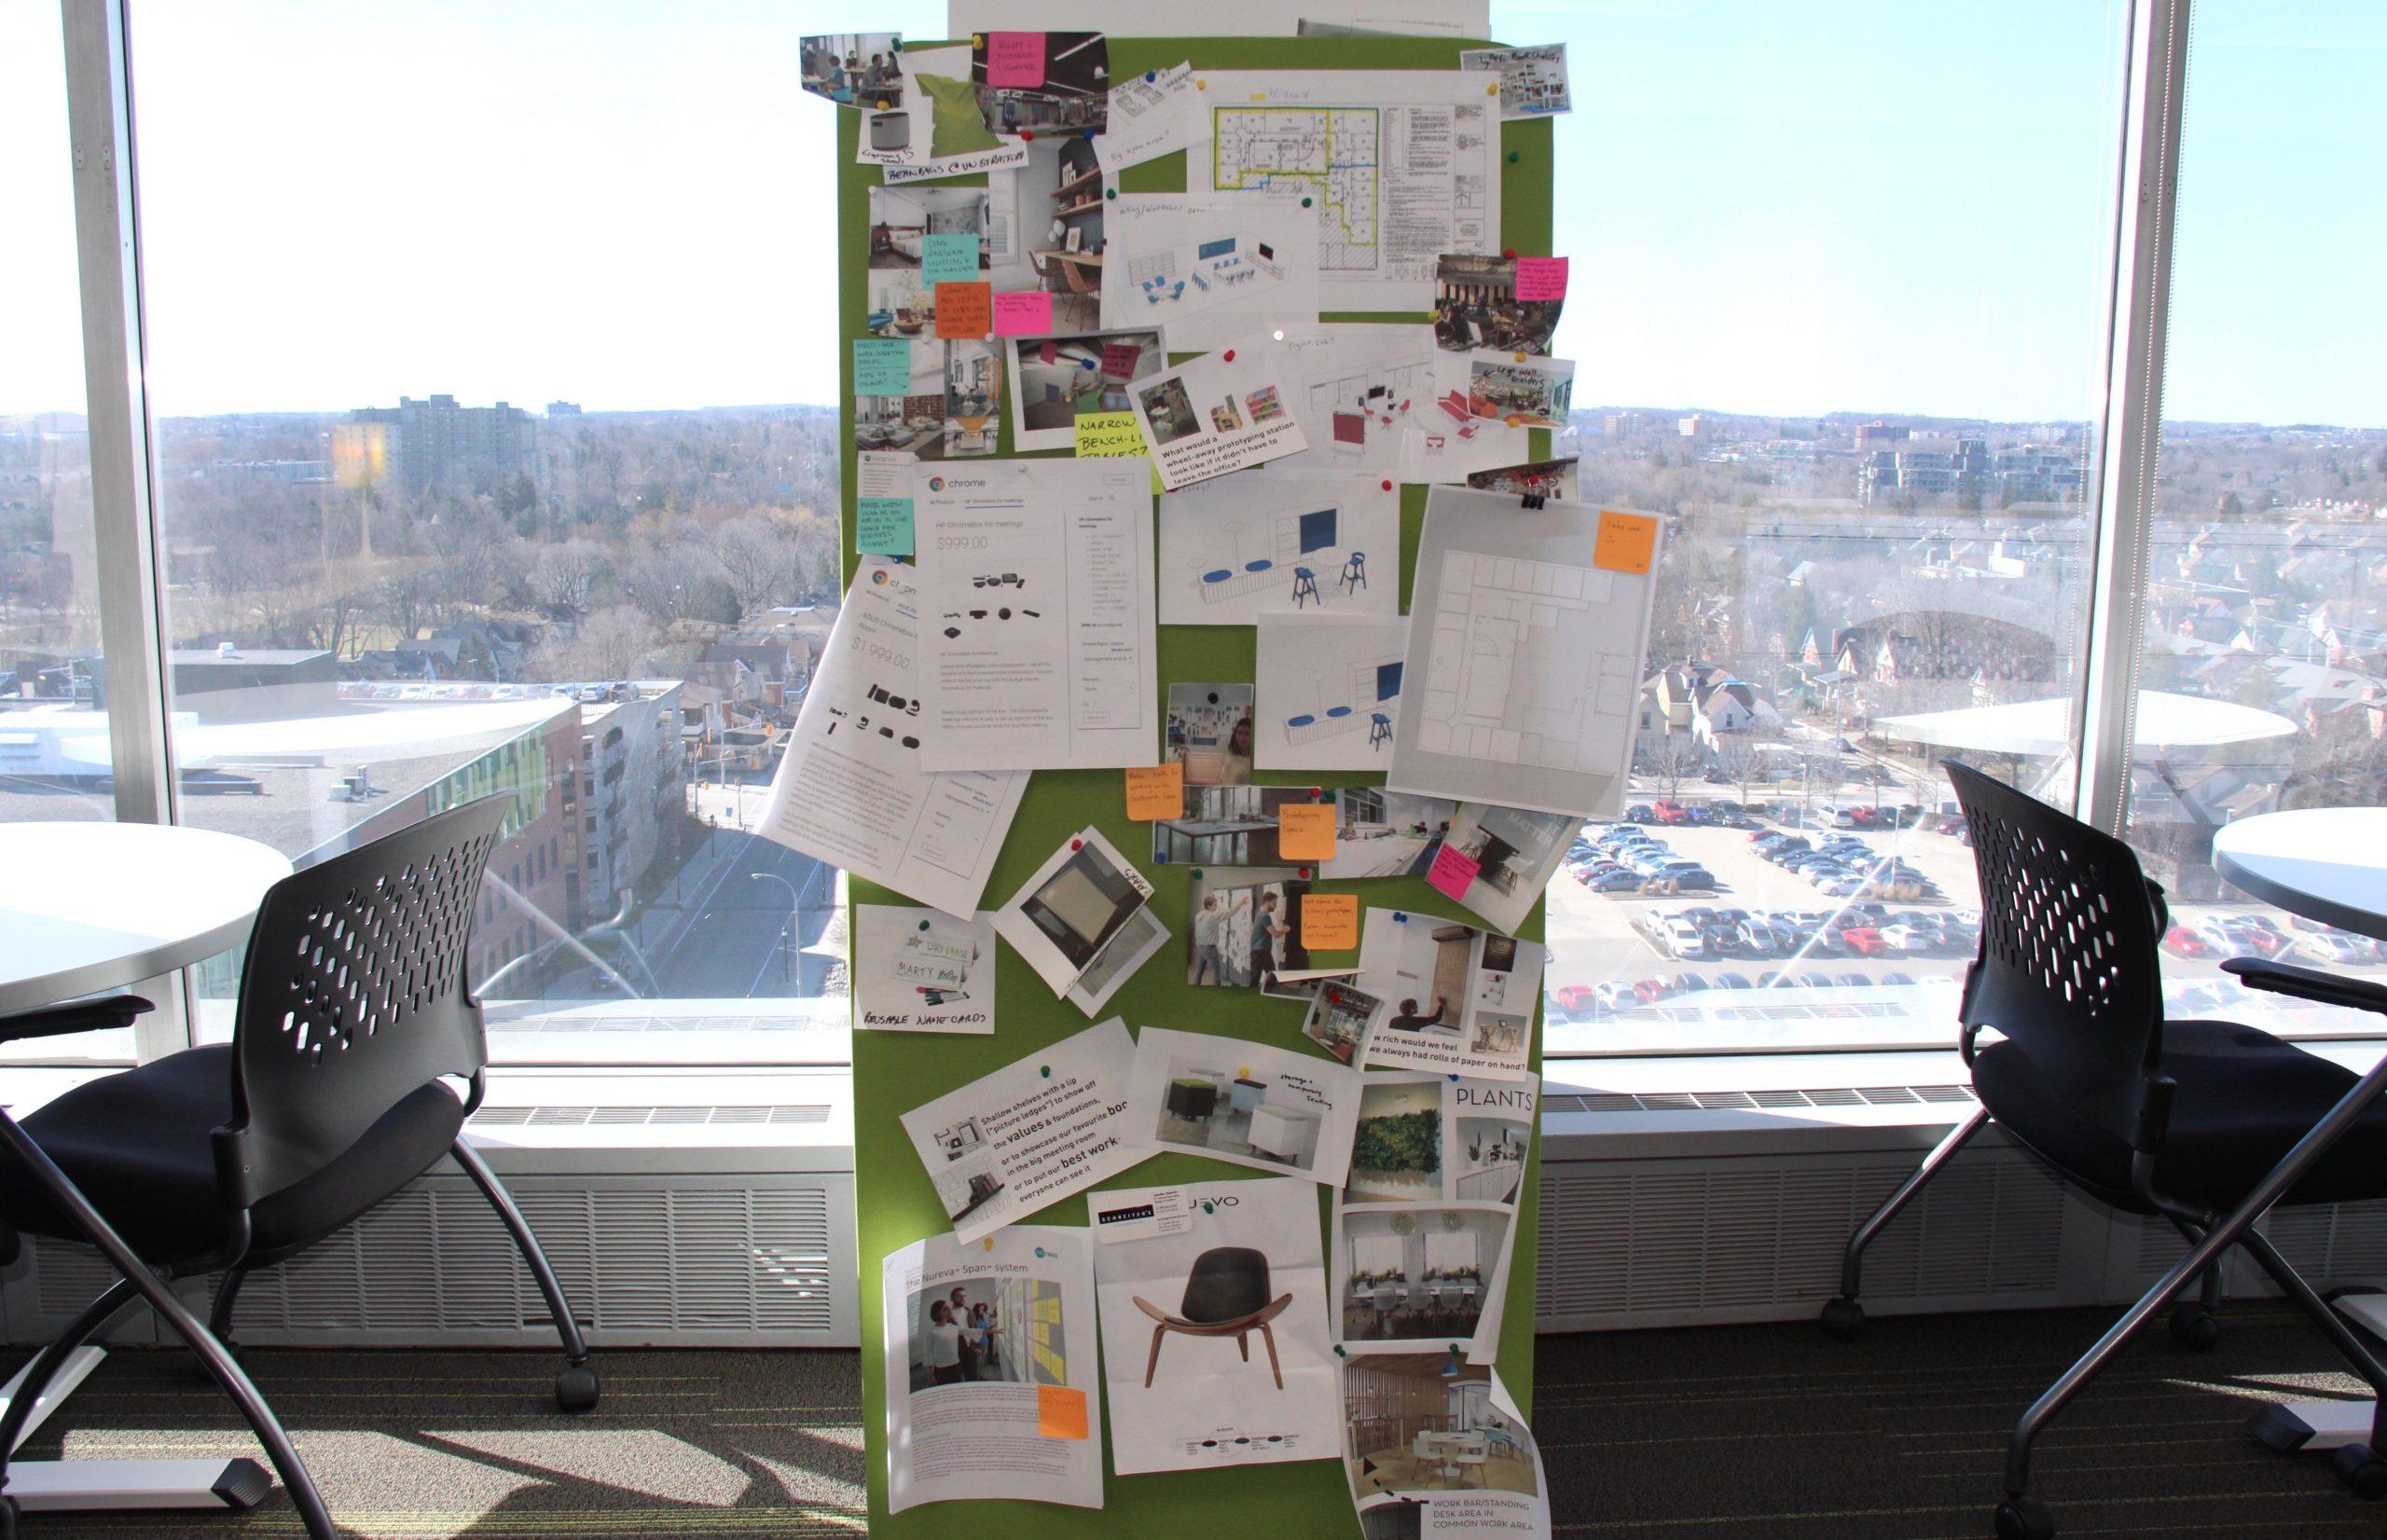 human-centred office design dream board